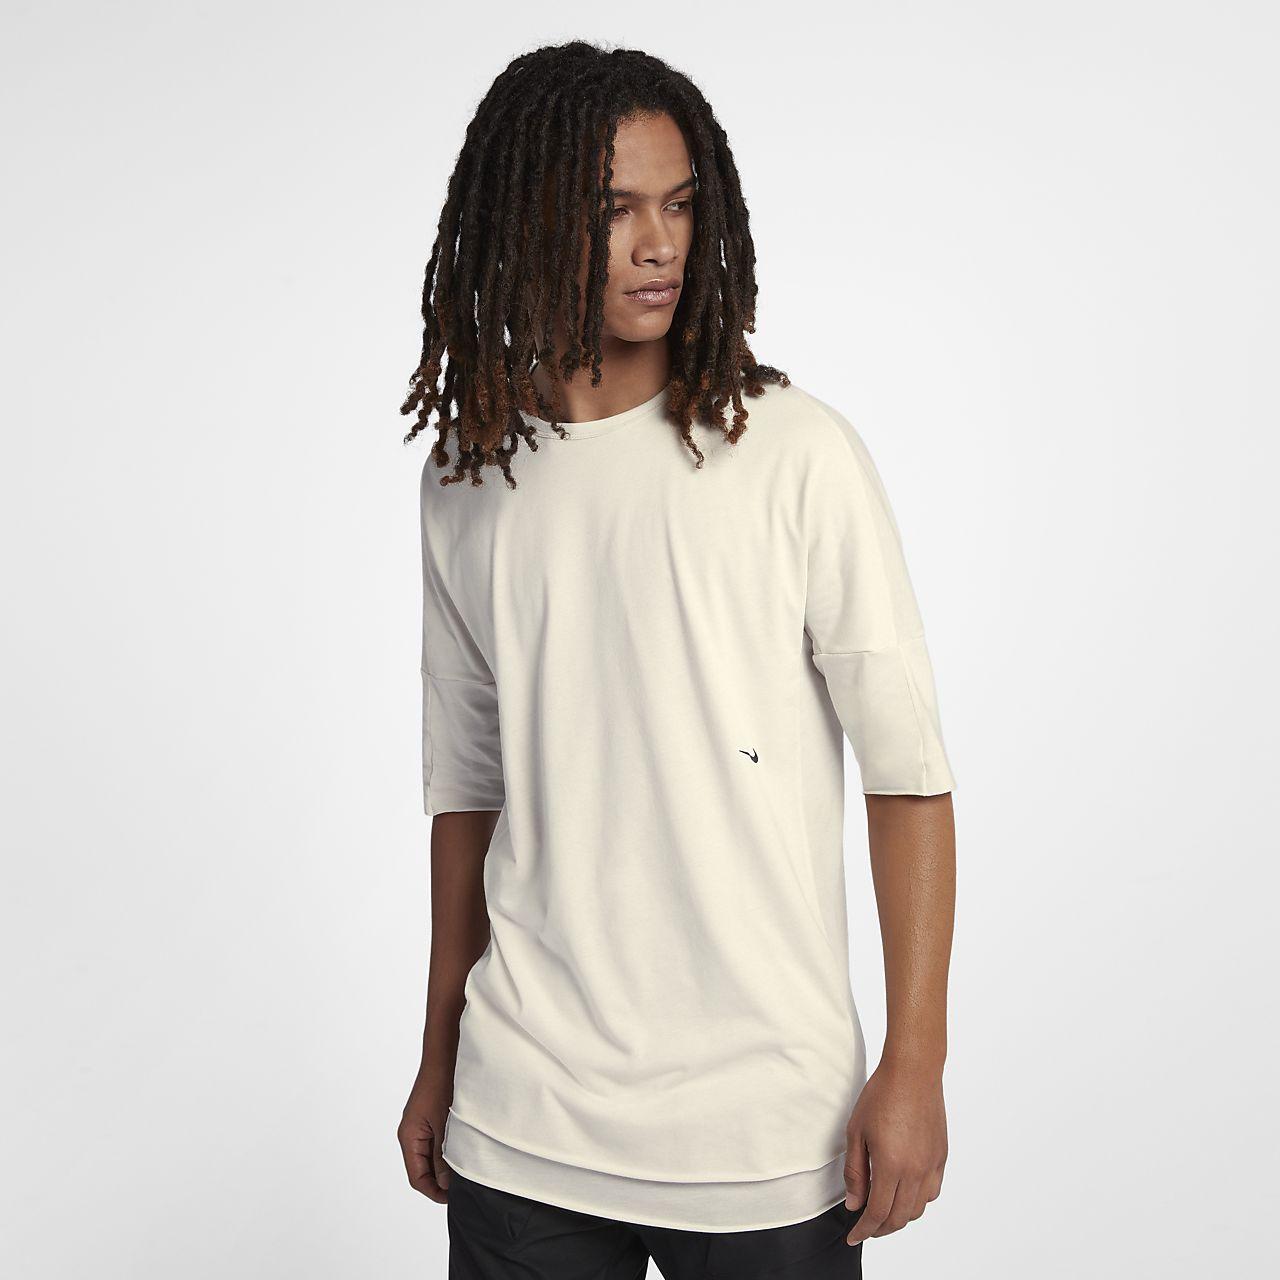 Camisola de manga curta NikeLab AAE 2.0 para homem